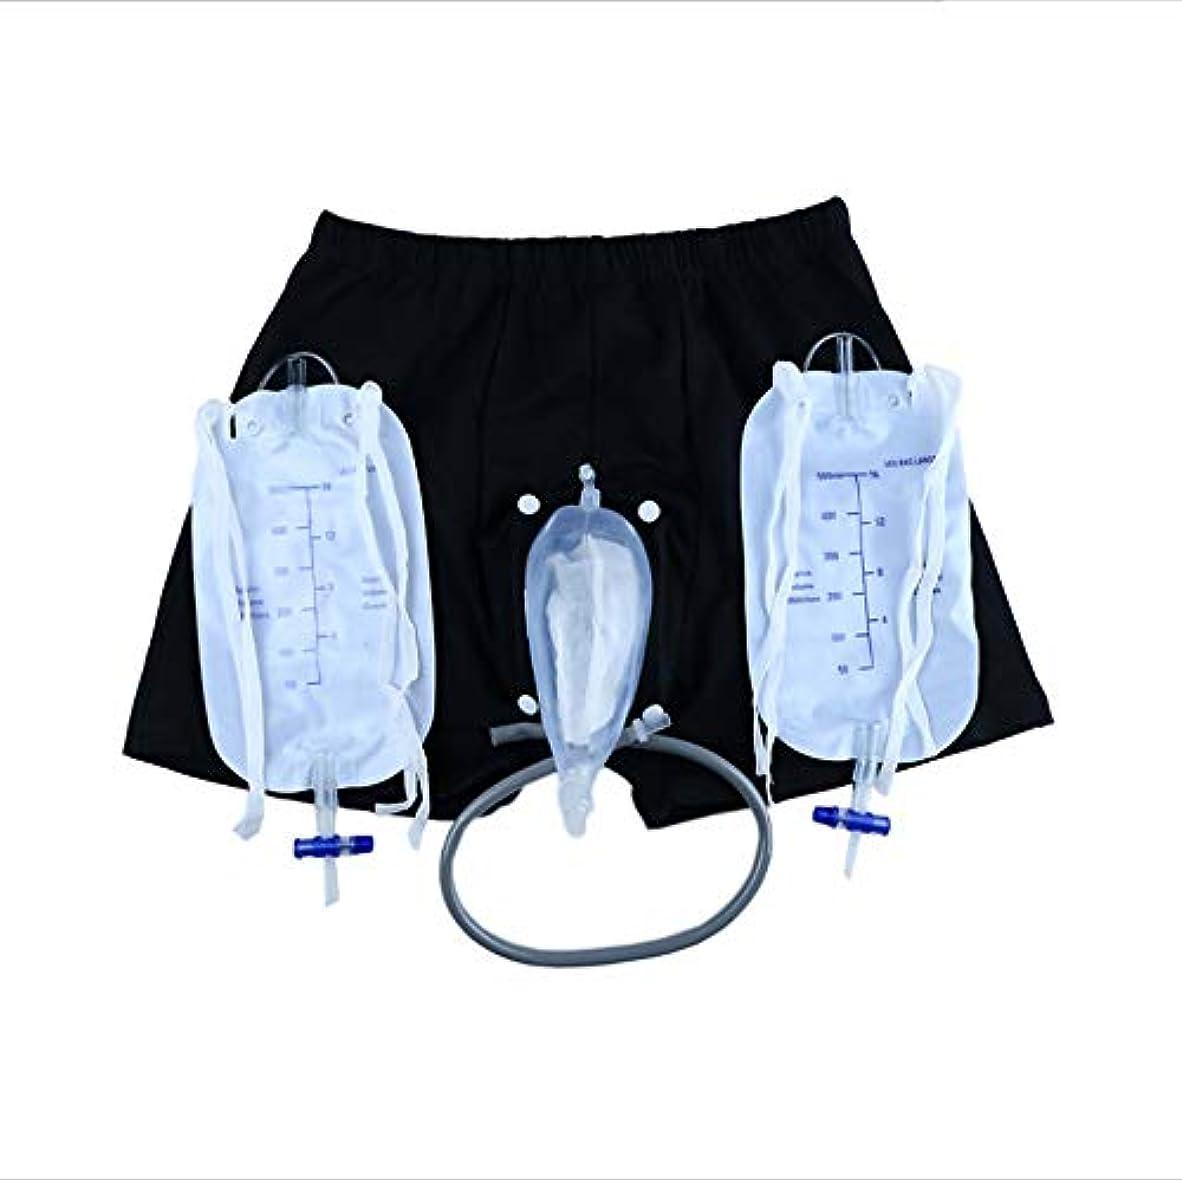 オフセット吸収剤床を掃除する失禁パンツ、ポータブル再利用可能な尿バッグ500 Mlコレクションバッグ、弾性バンドこぼれ防止失禁ツール (Size : L)